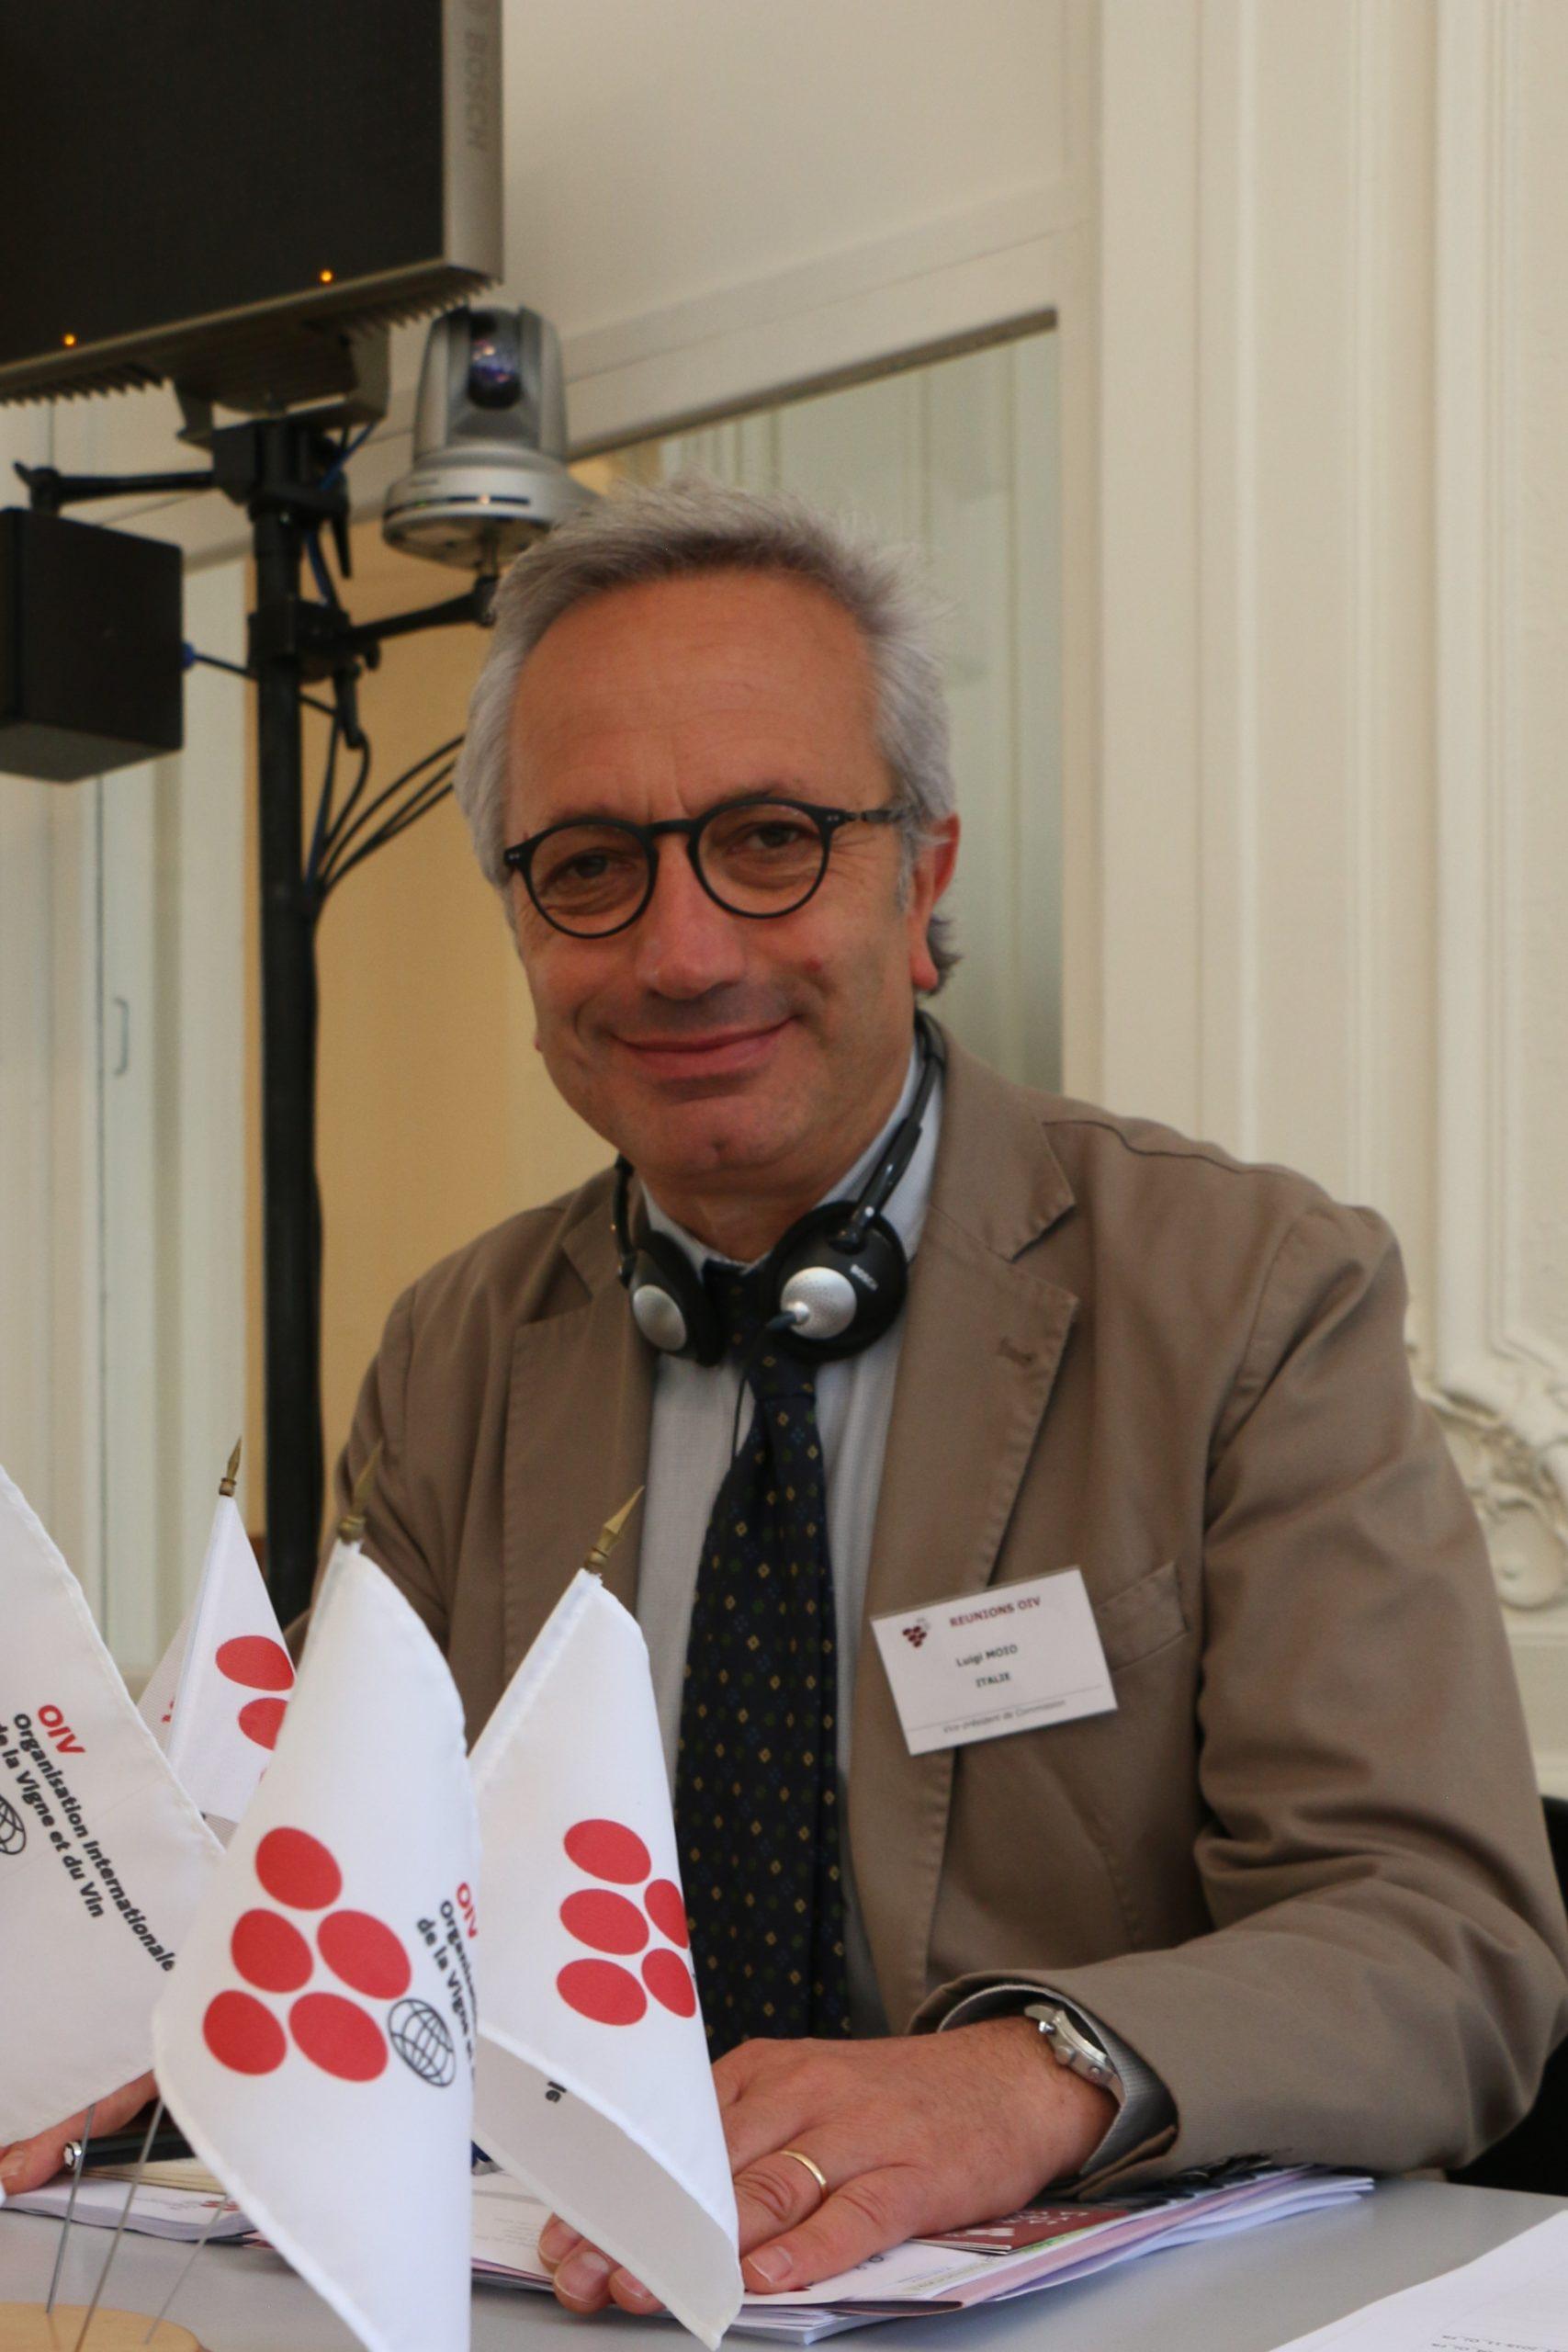 Luigi Moio elected as President of the OIV